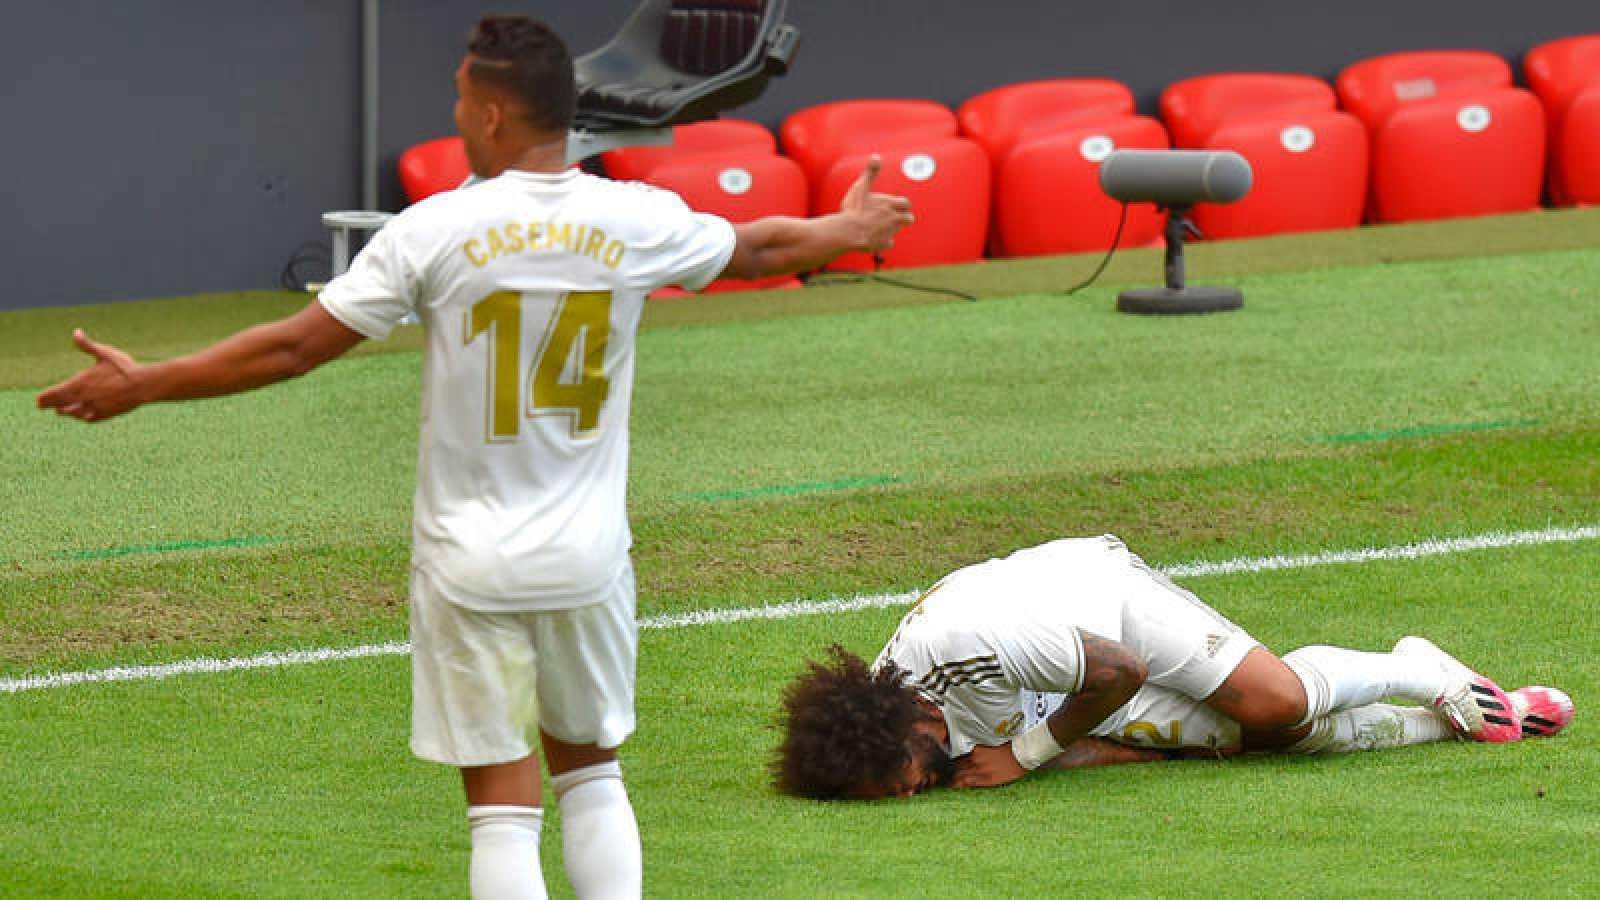 Marcelo, en el suelo en el campo de San Mamés, se duele